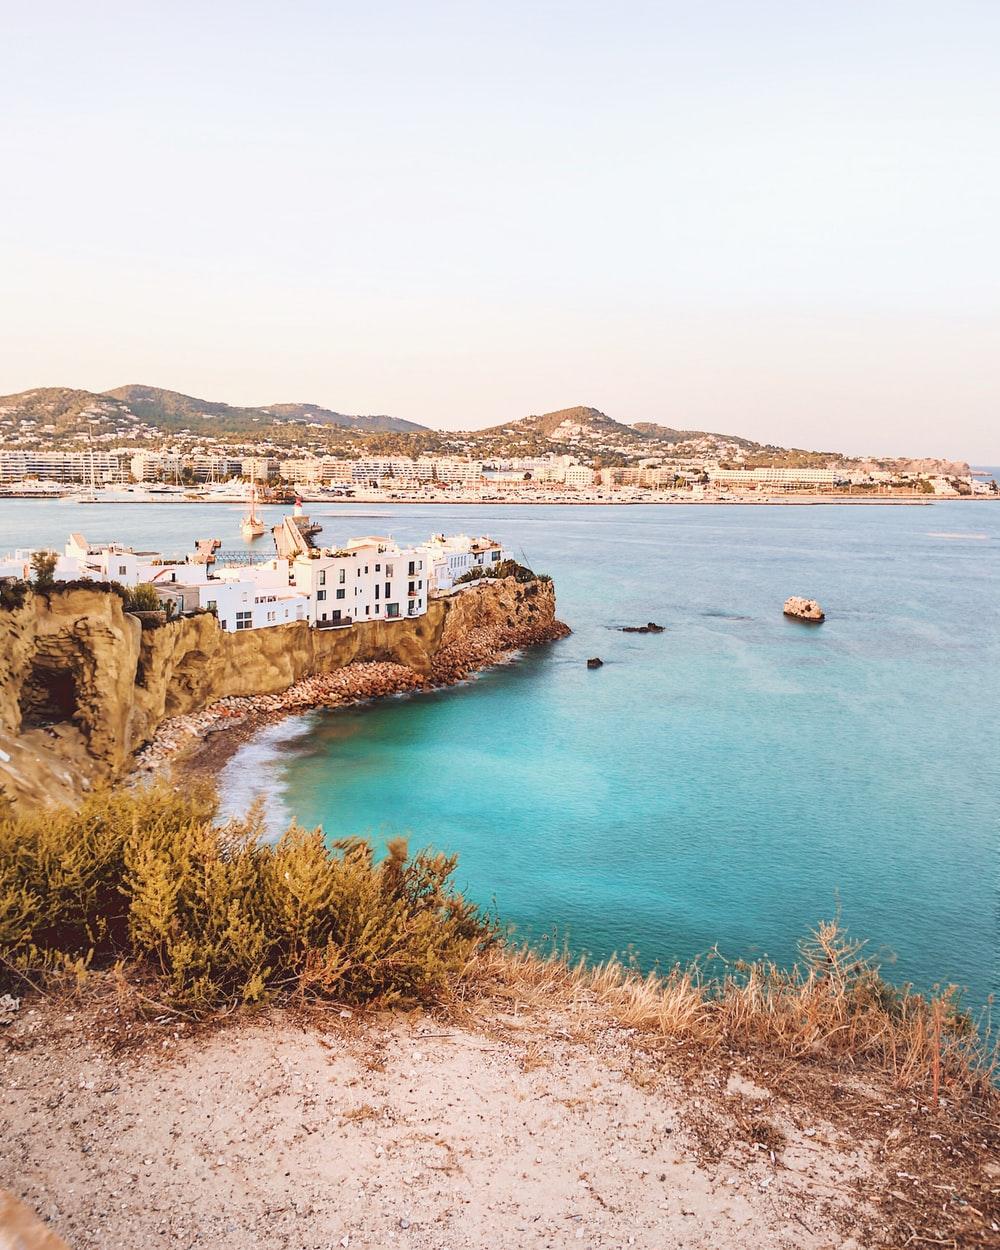 Puertos deportivos de Ibiza y Formentera